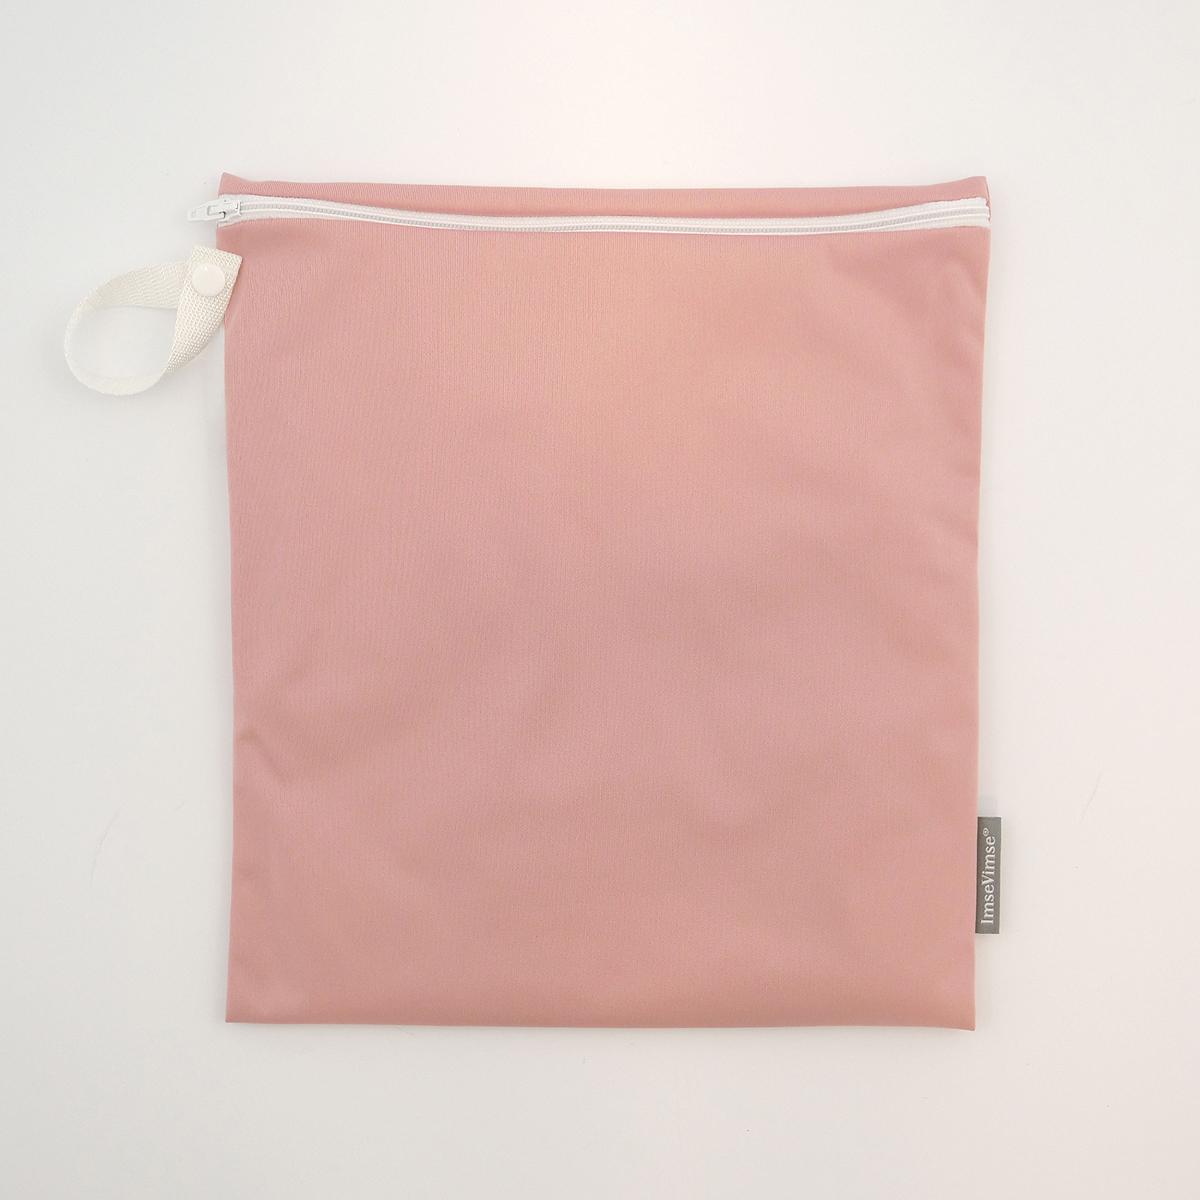 Wet Bag med dragkedja PUL-påse ImseVimse blossom